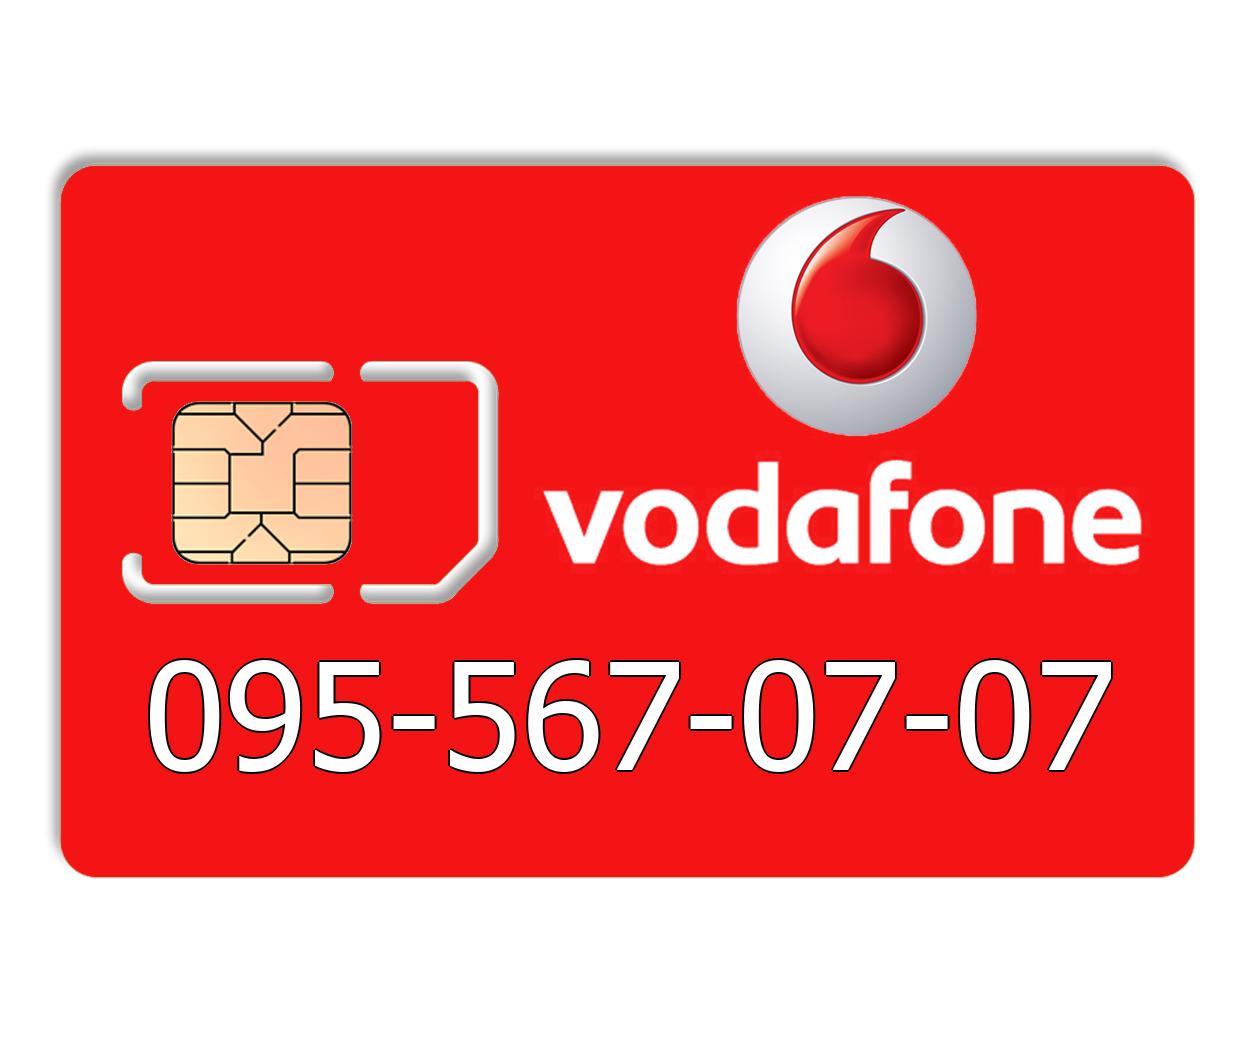 Красивый номер Vodafone 095-567-07-07